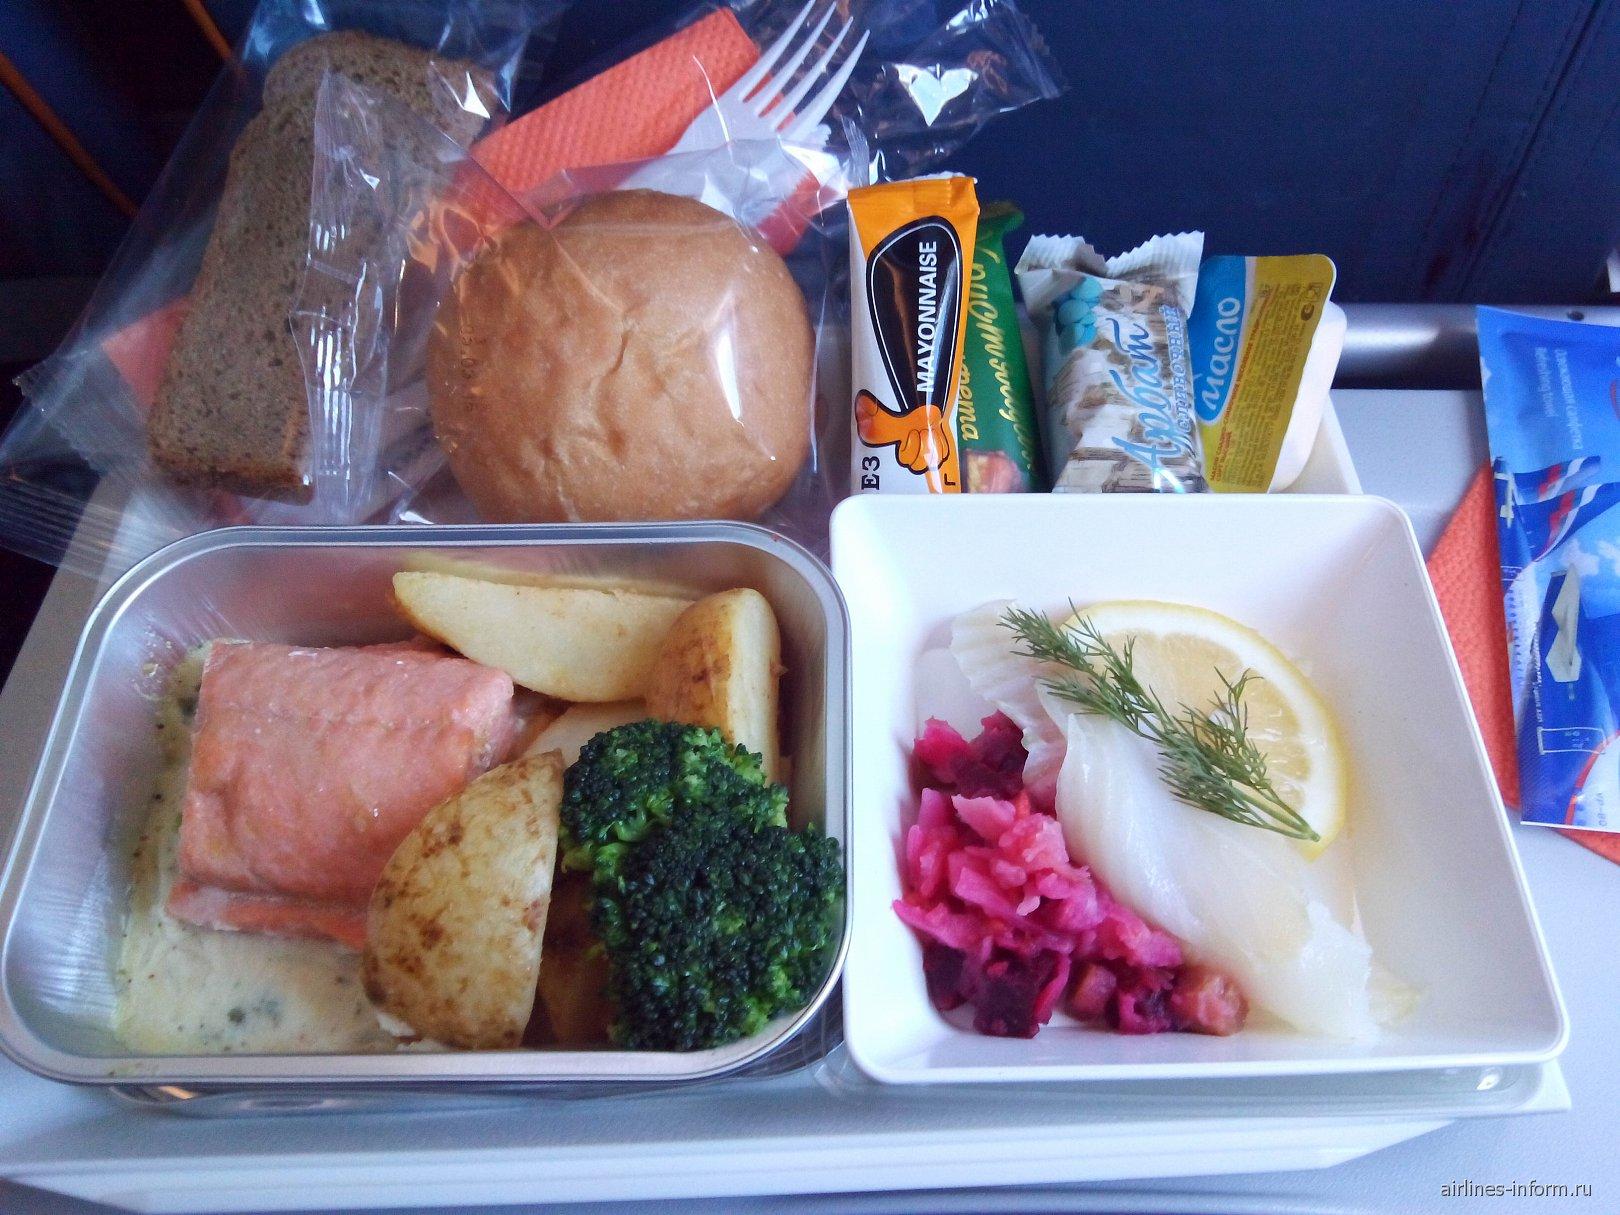 Бортовое питание на рейсе Аэрофлота Владивосток-Москва